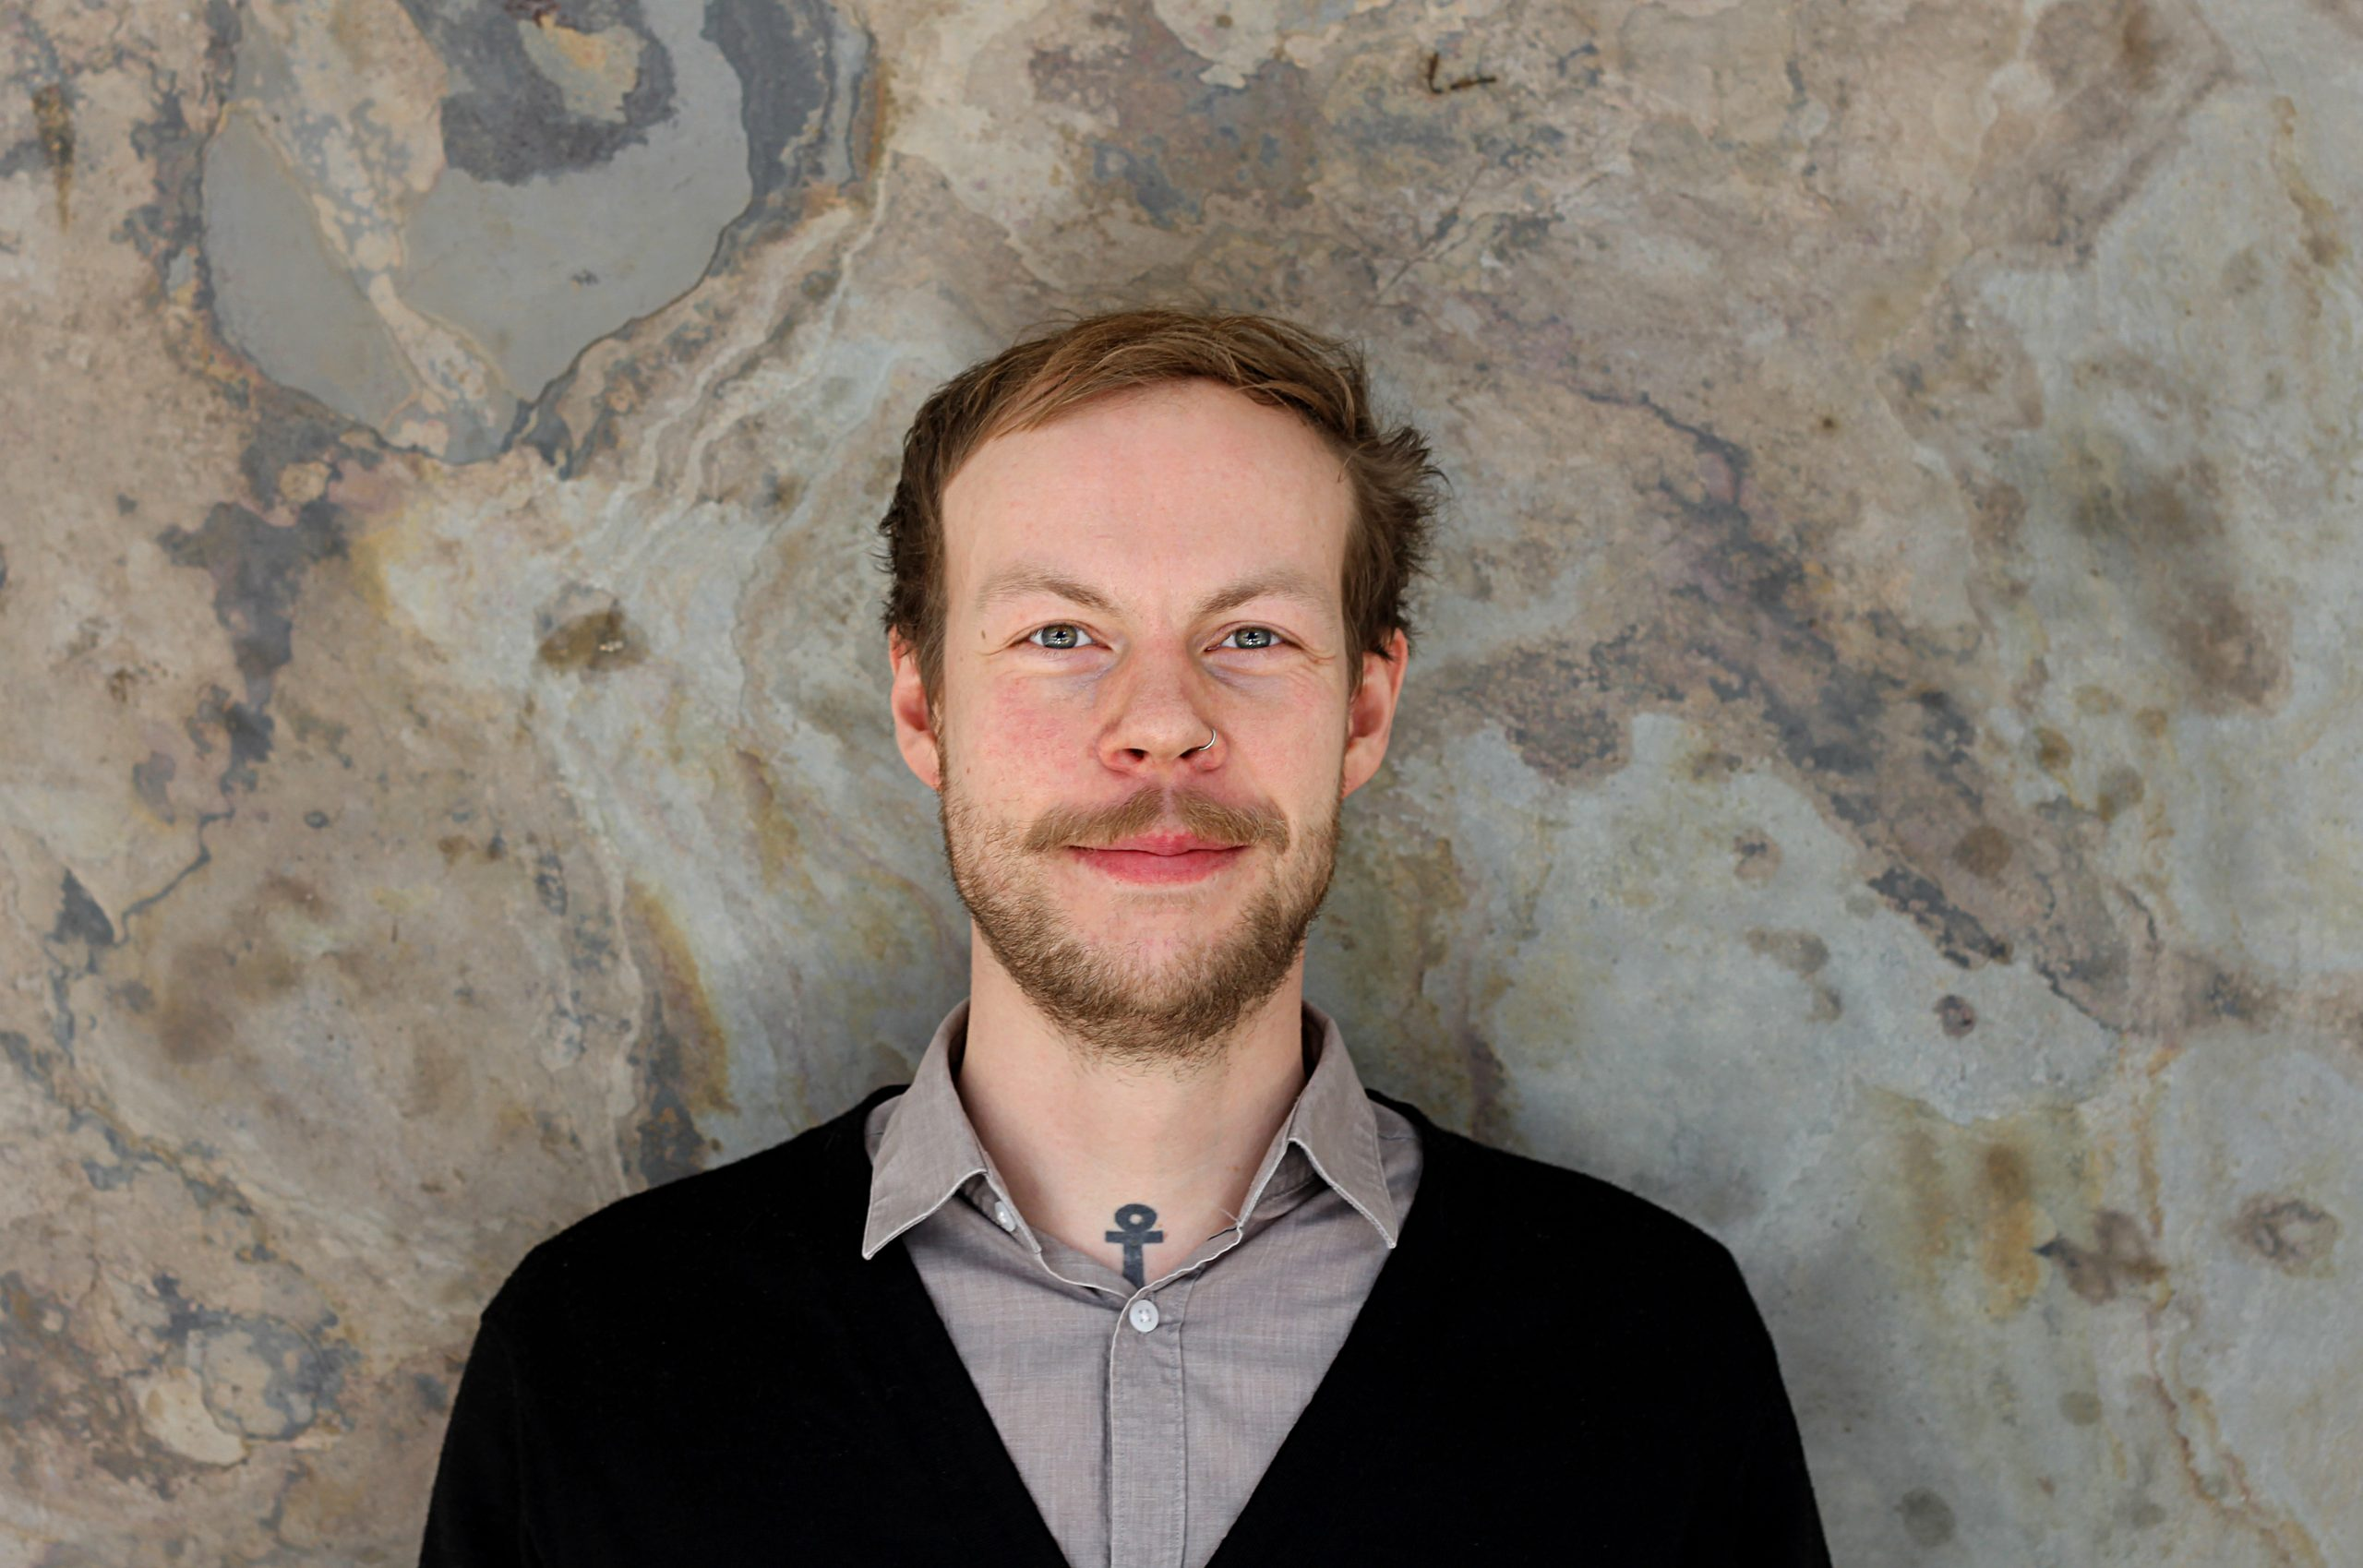 Fabian Stamer, Ansprechperson für die stationäre Jugendhilfe der navitas gGmbh